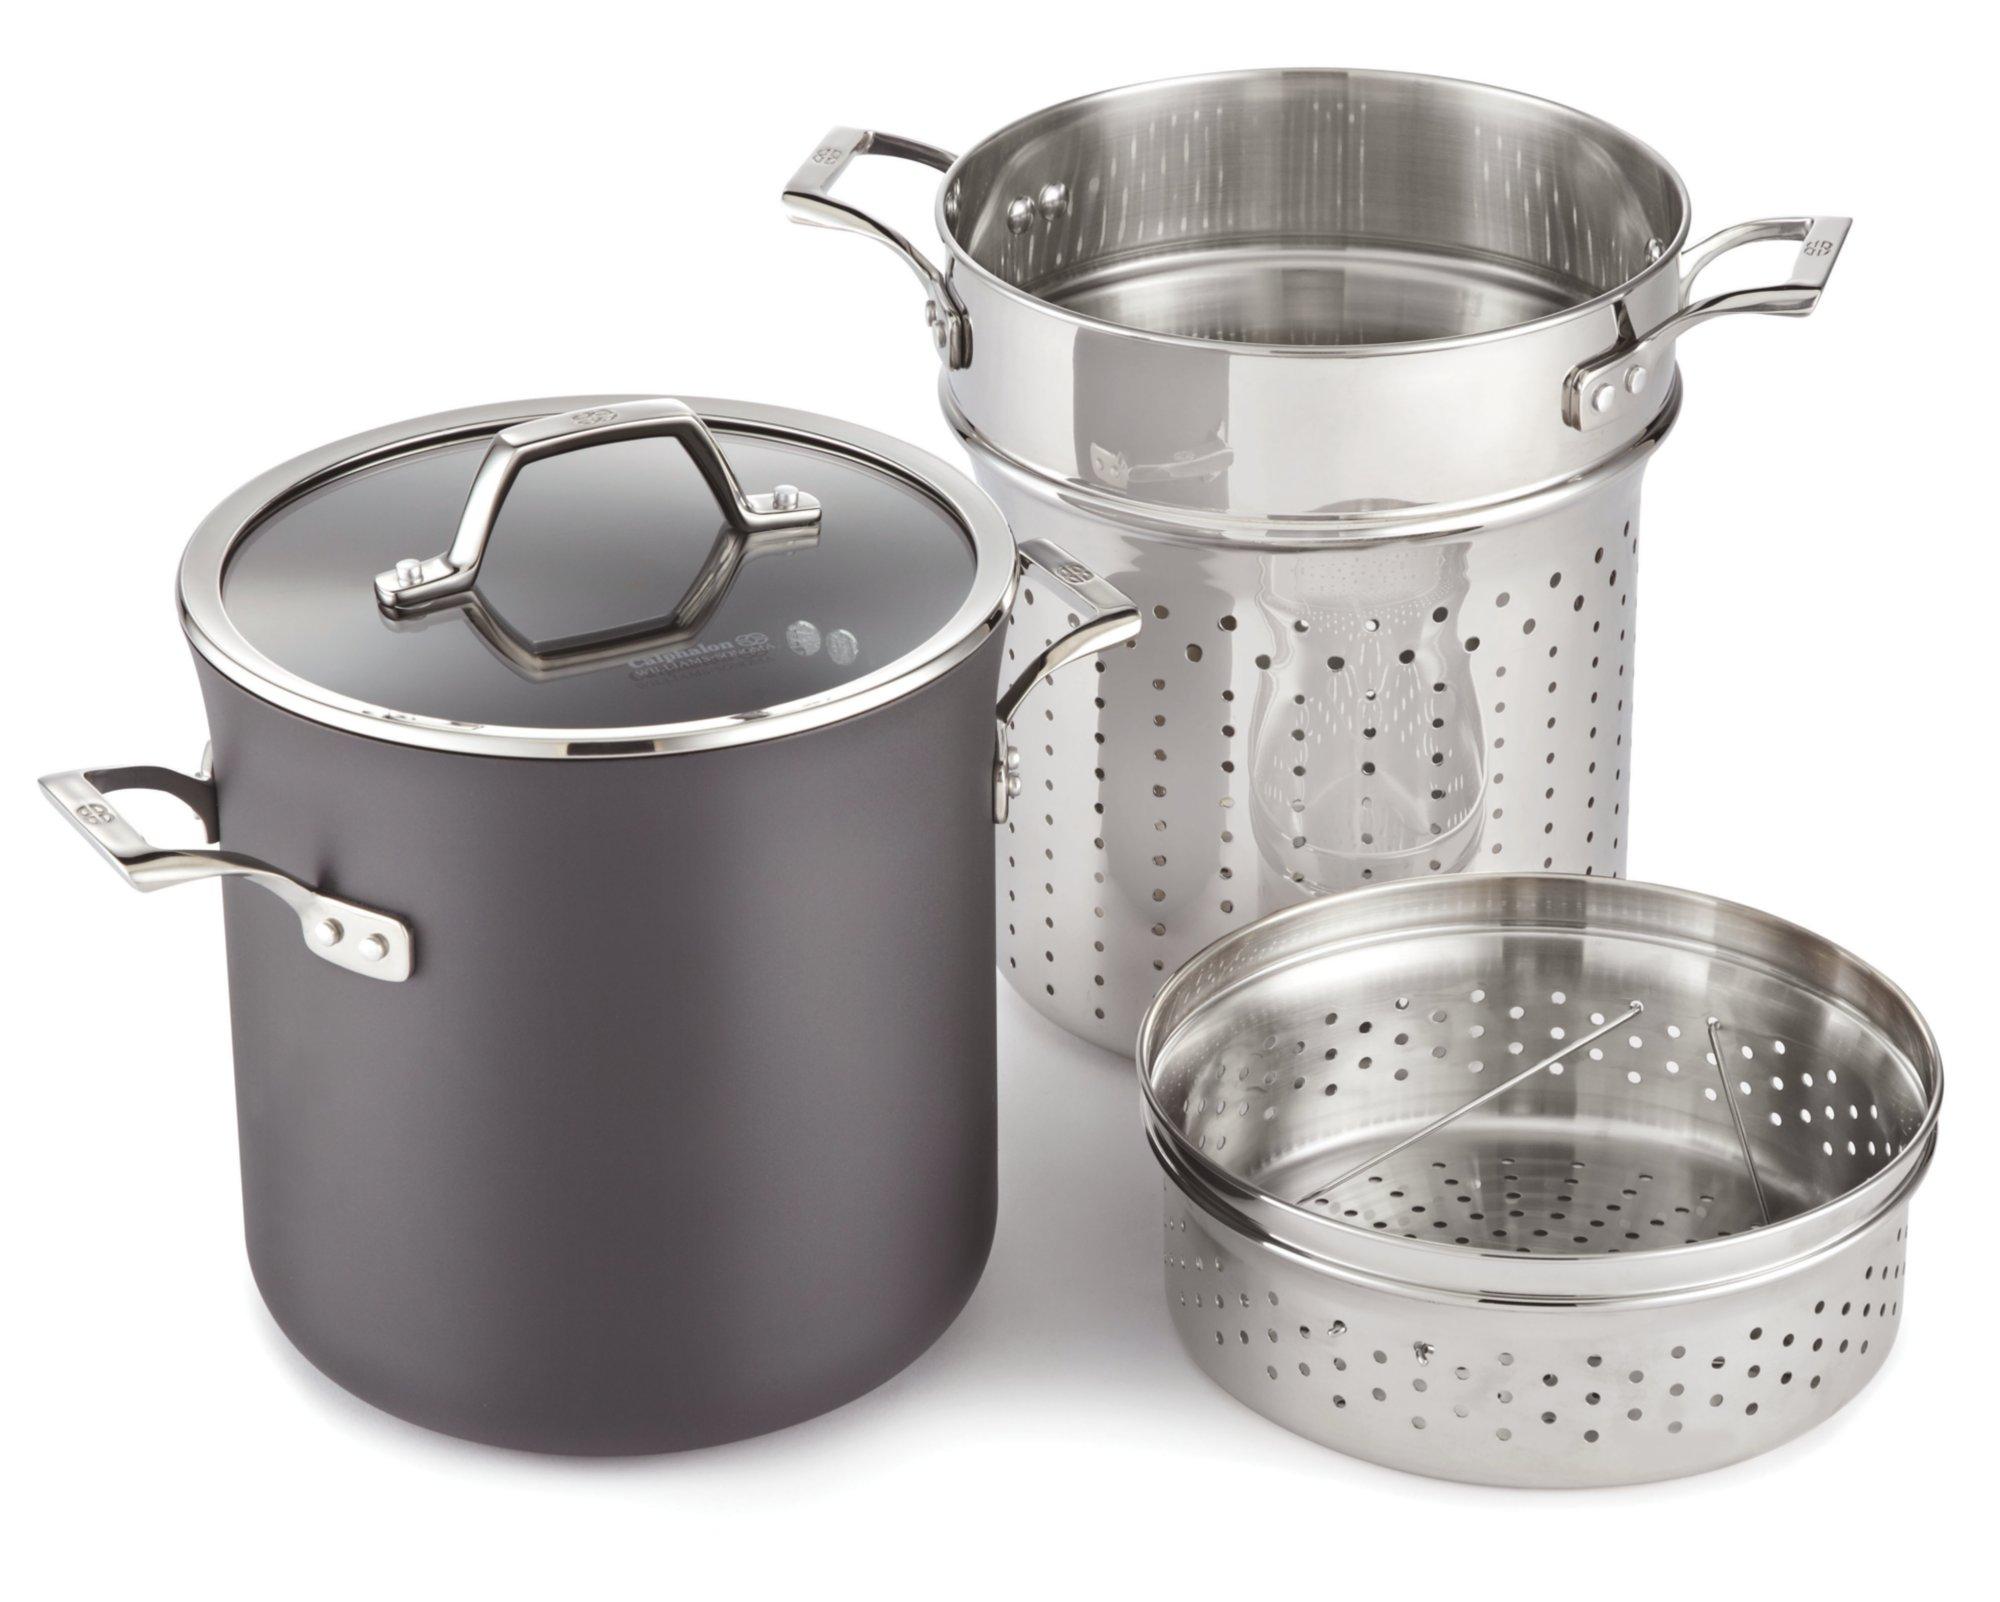 Soup Pots Amp Stock Pots